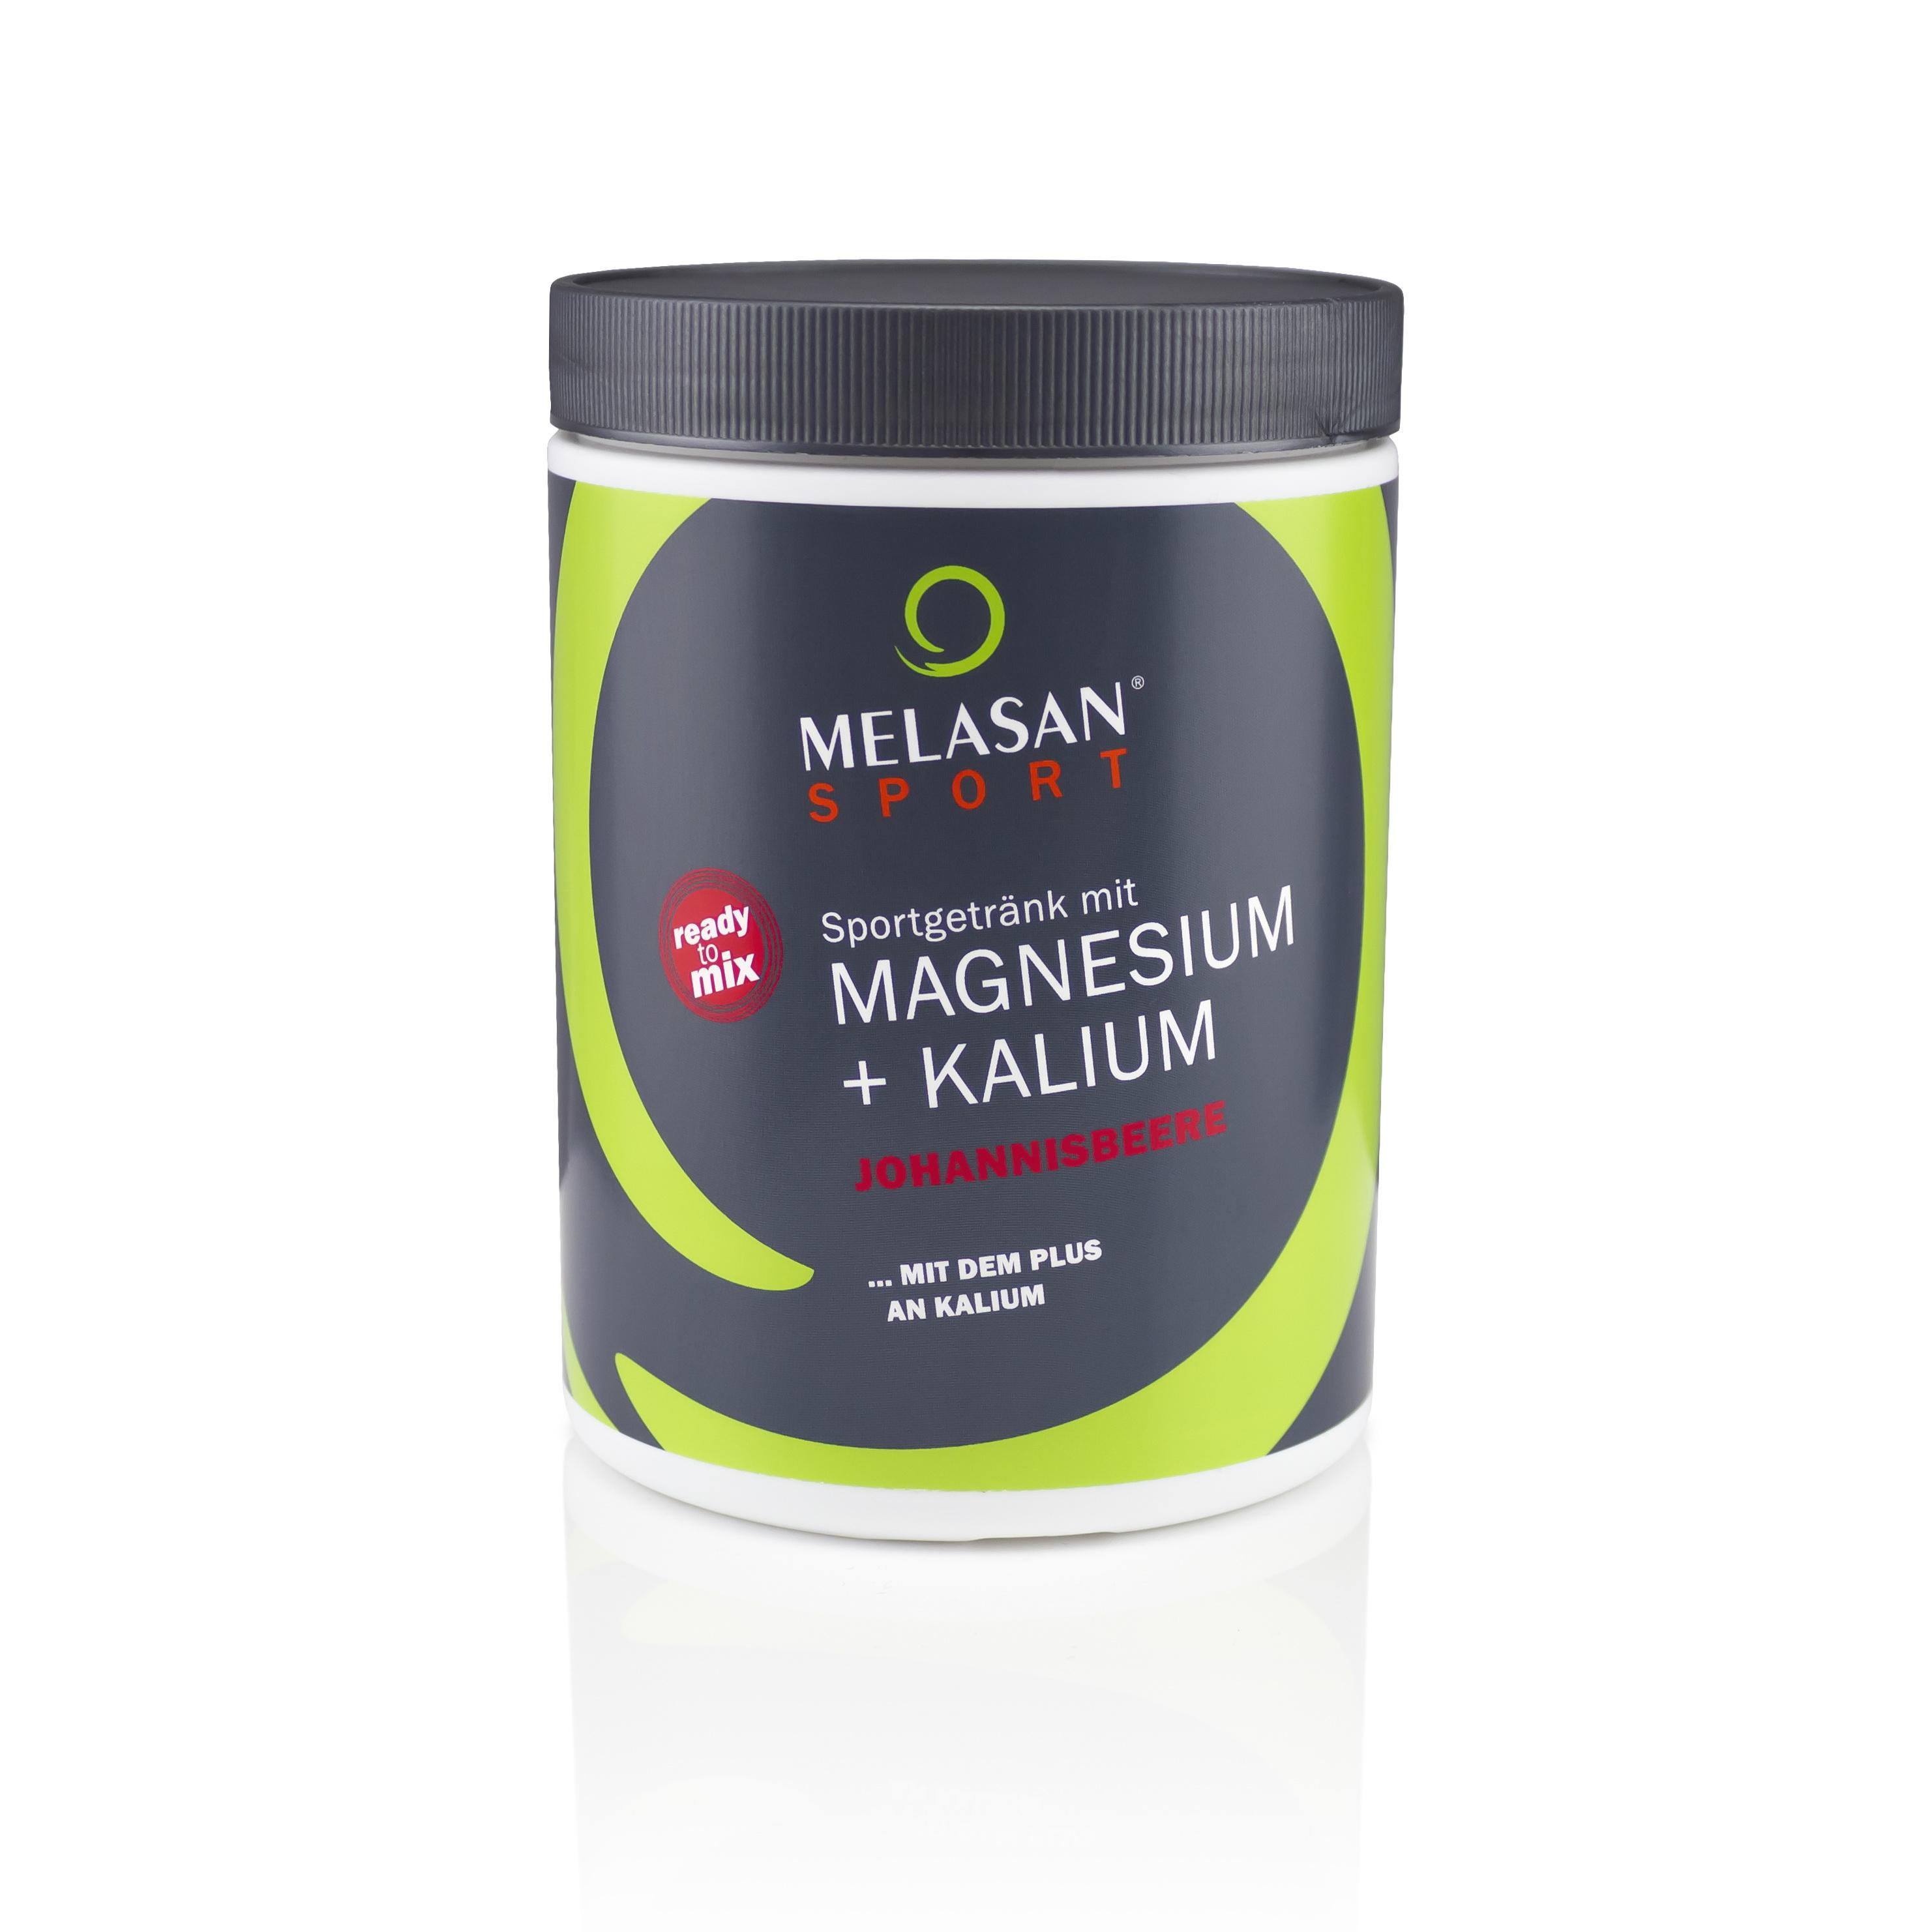 Melasan Sportgetränk Magnesium-Kalium JOHANNISBEERE